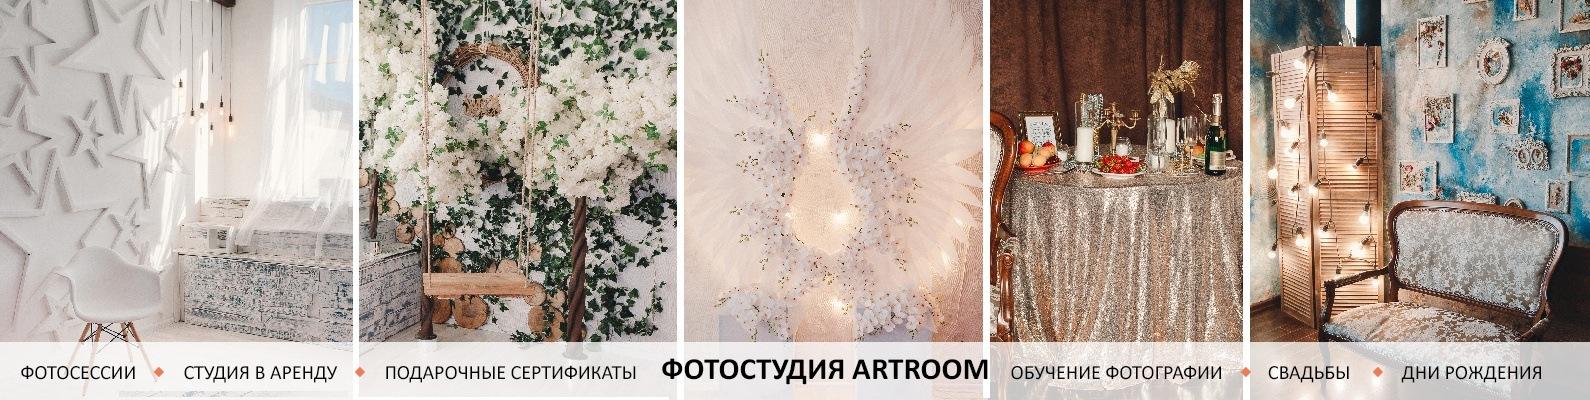 другого конца аренда студии для фотосессии купоны свадьба предвещает